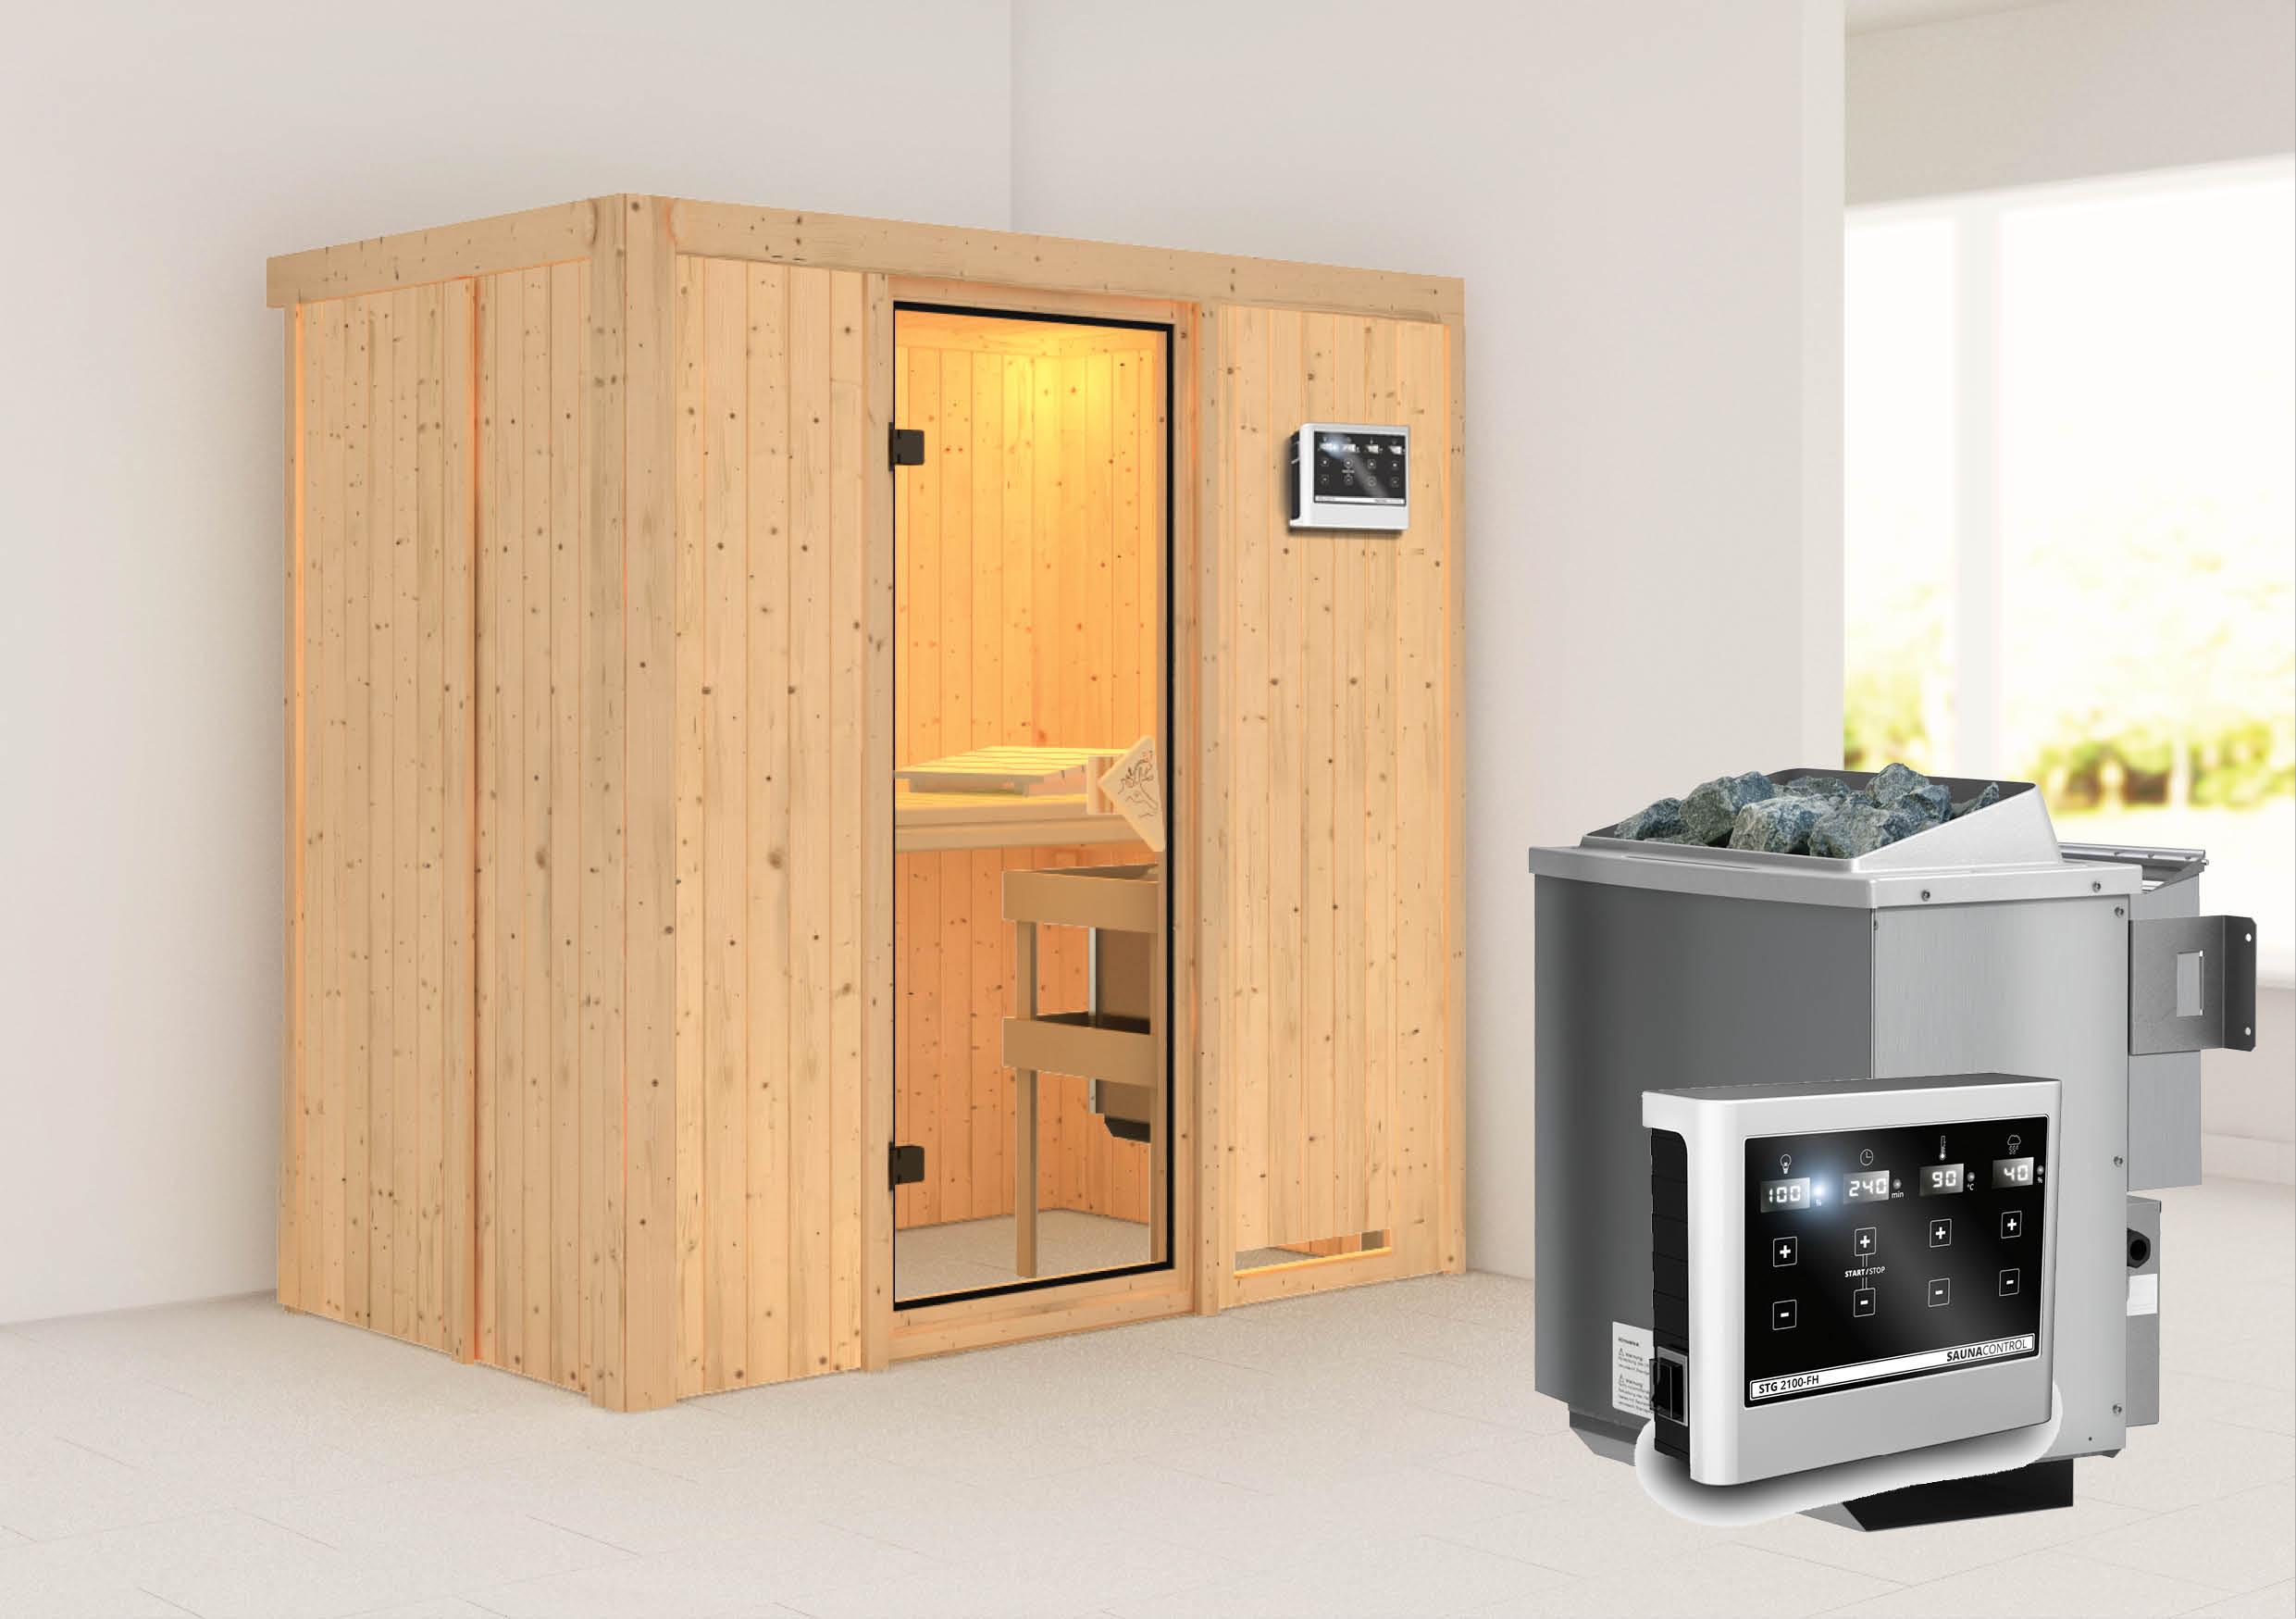 karibu sauna variado 1 96 x 1 18 m 68 mm mit 9 kw ofen saunakabine elementsauna ebay. Black Bedroom Furniture Sets. Home Design Ideas